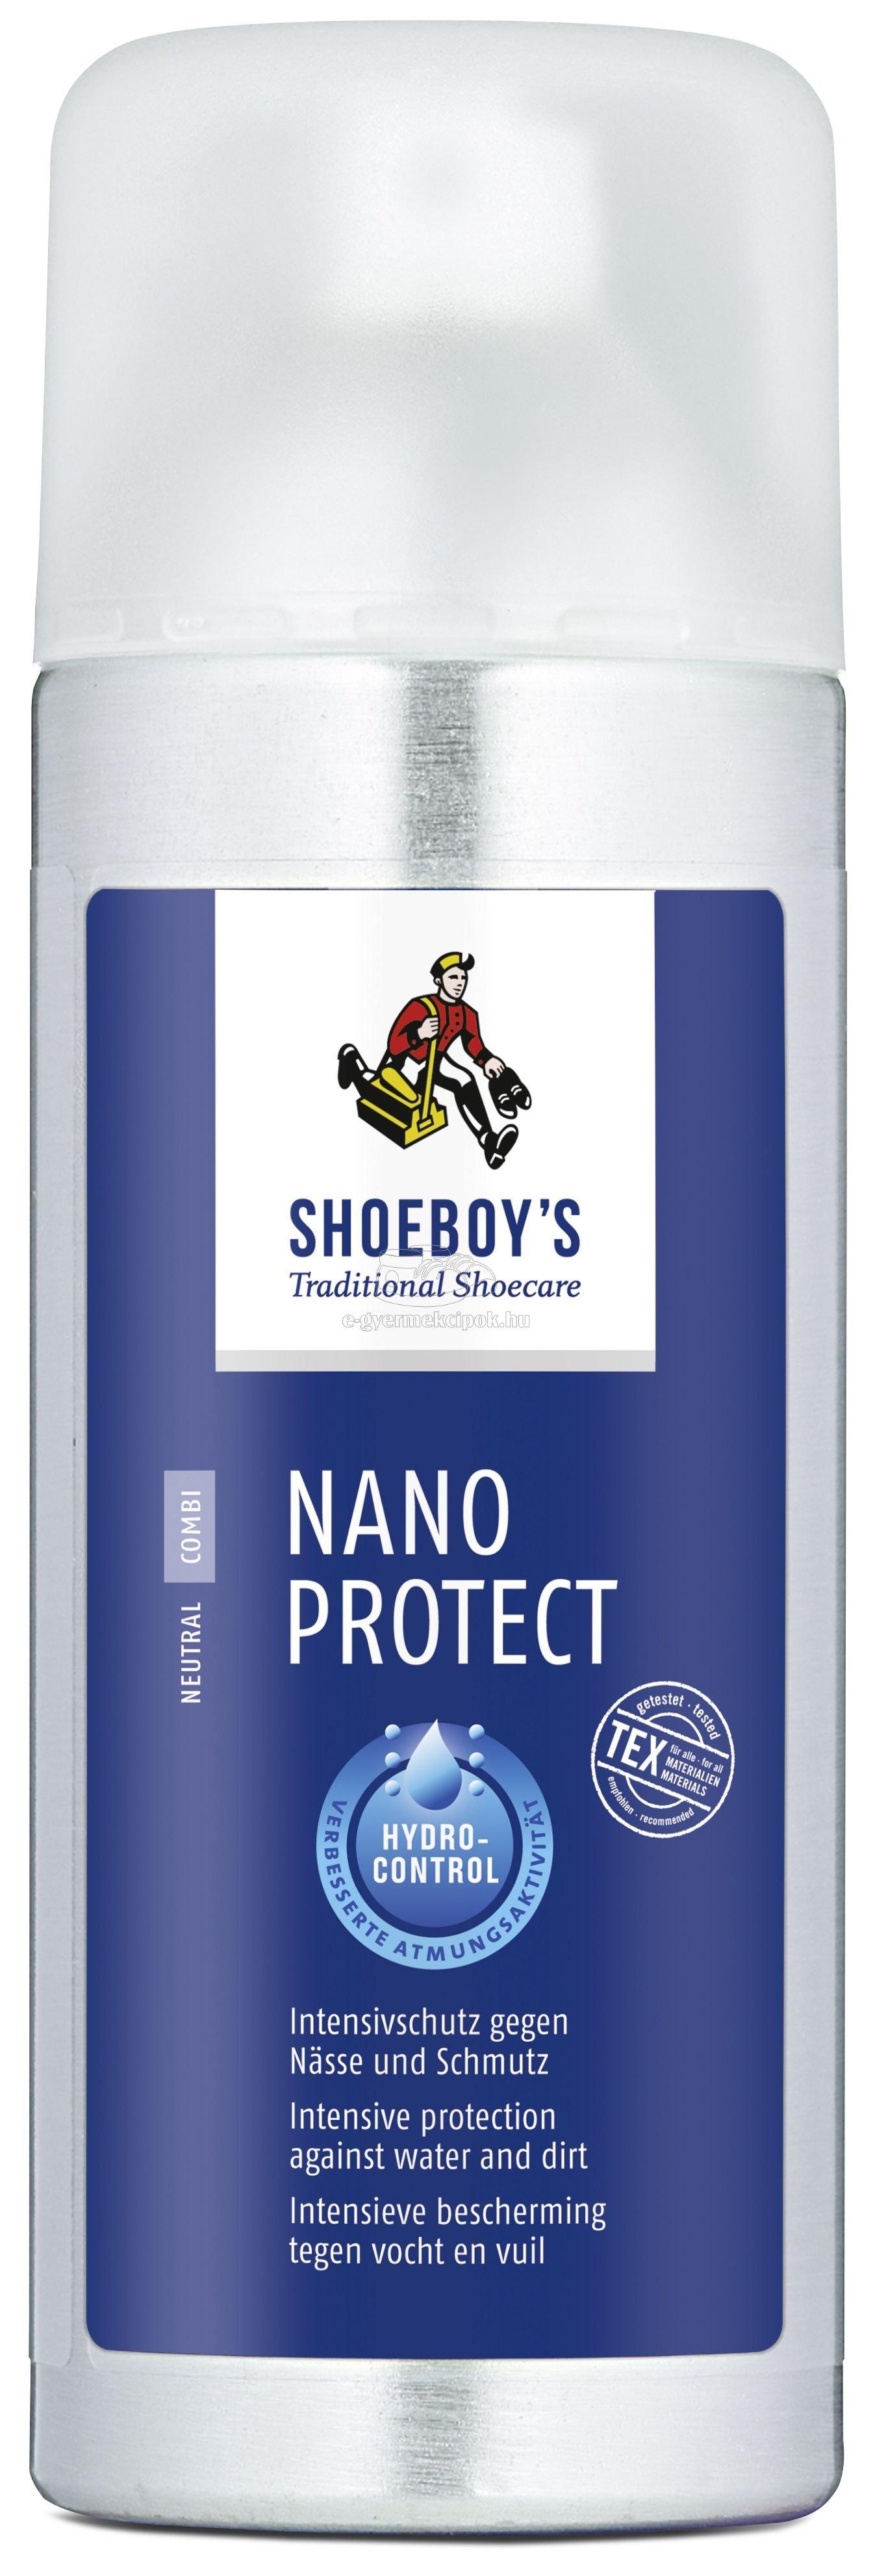 Shoeboy's Impregnáló lábbelire Nano Protect 400 ml